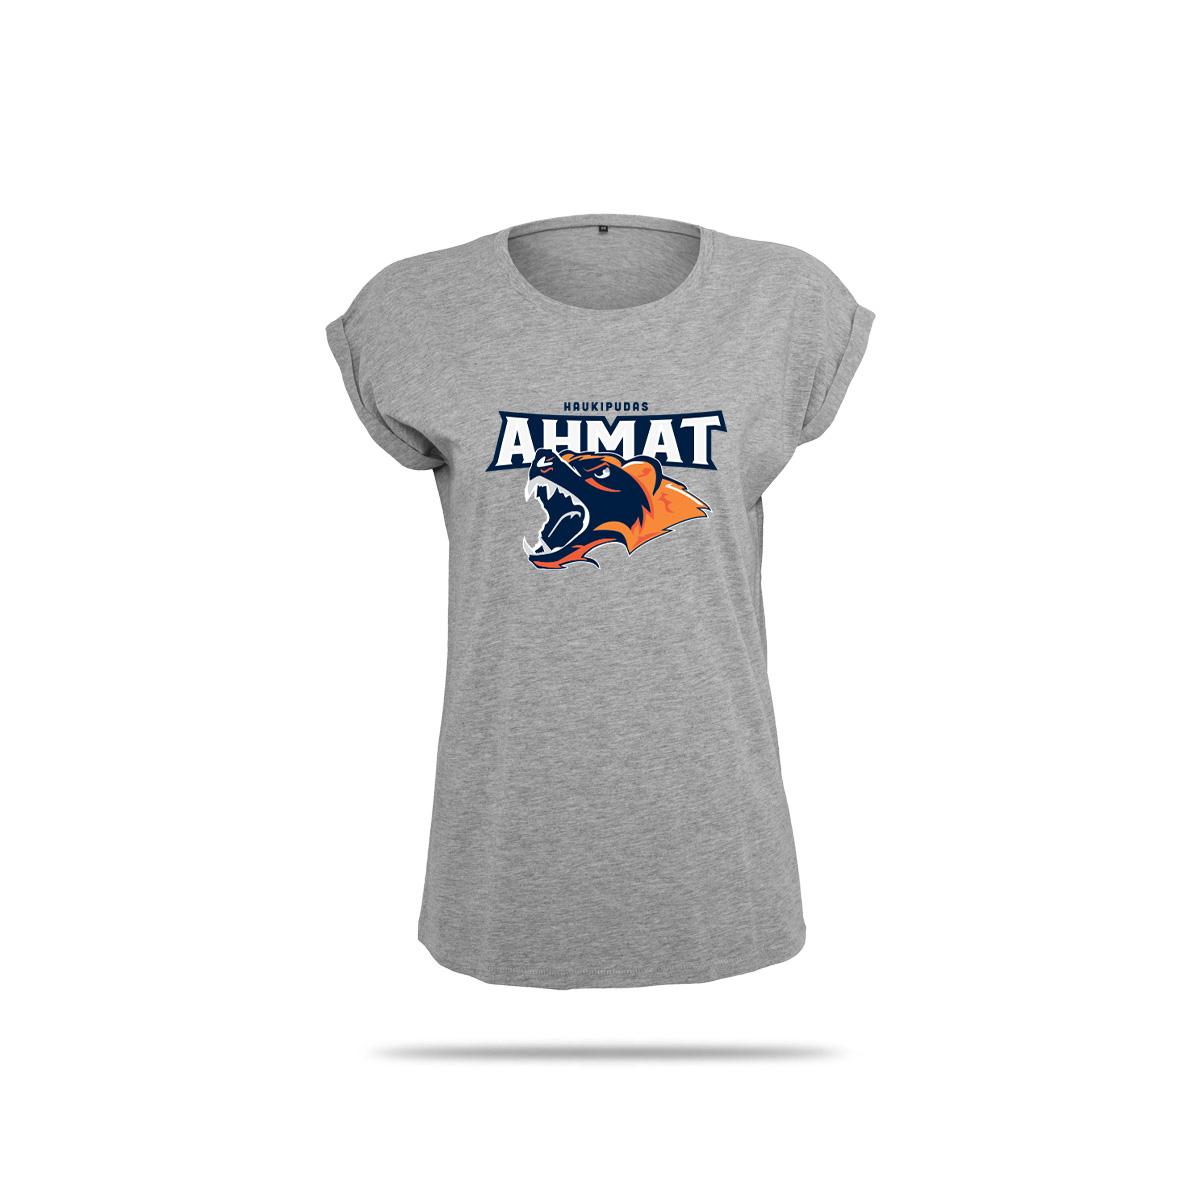 Ahmat-fani-6006-N-harmaa-original